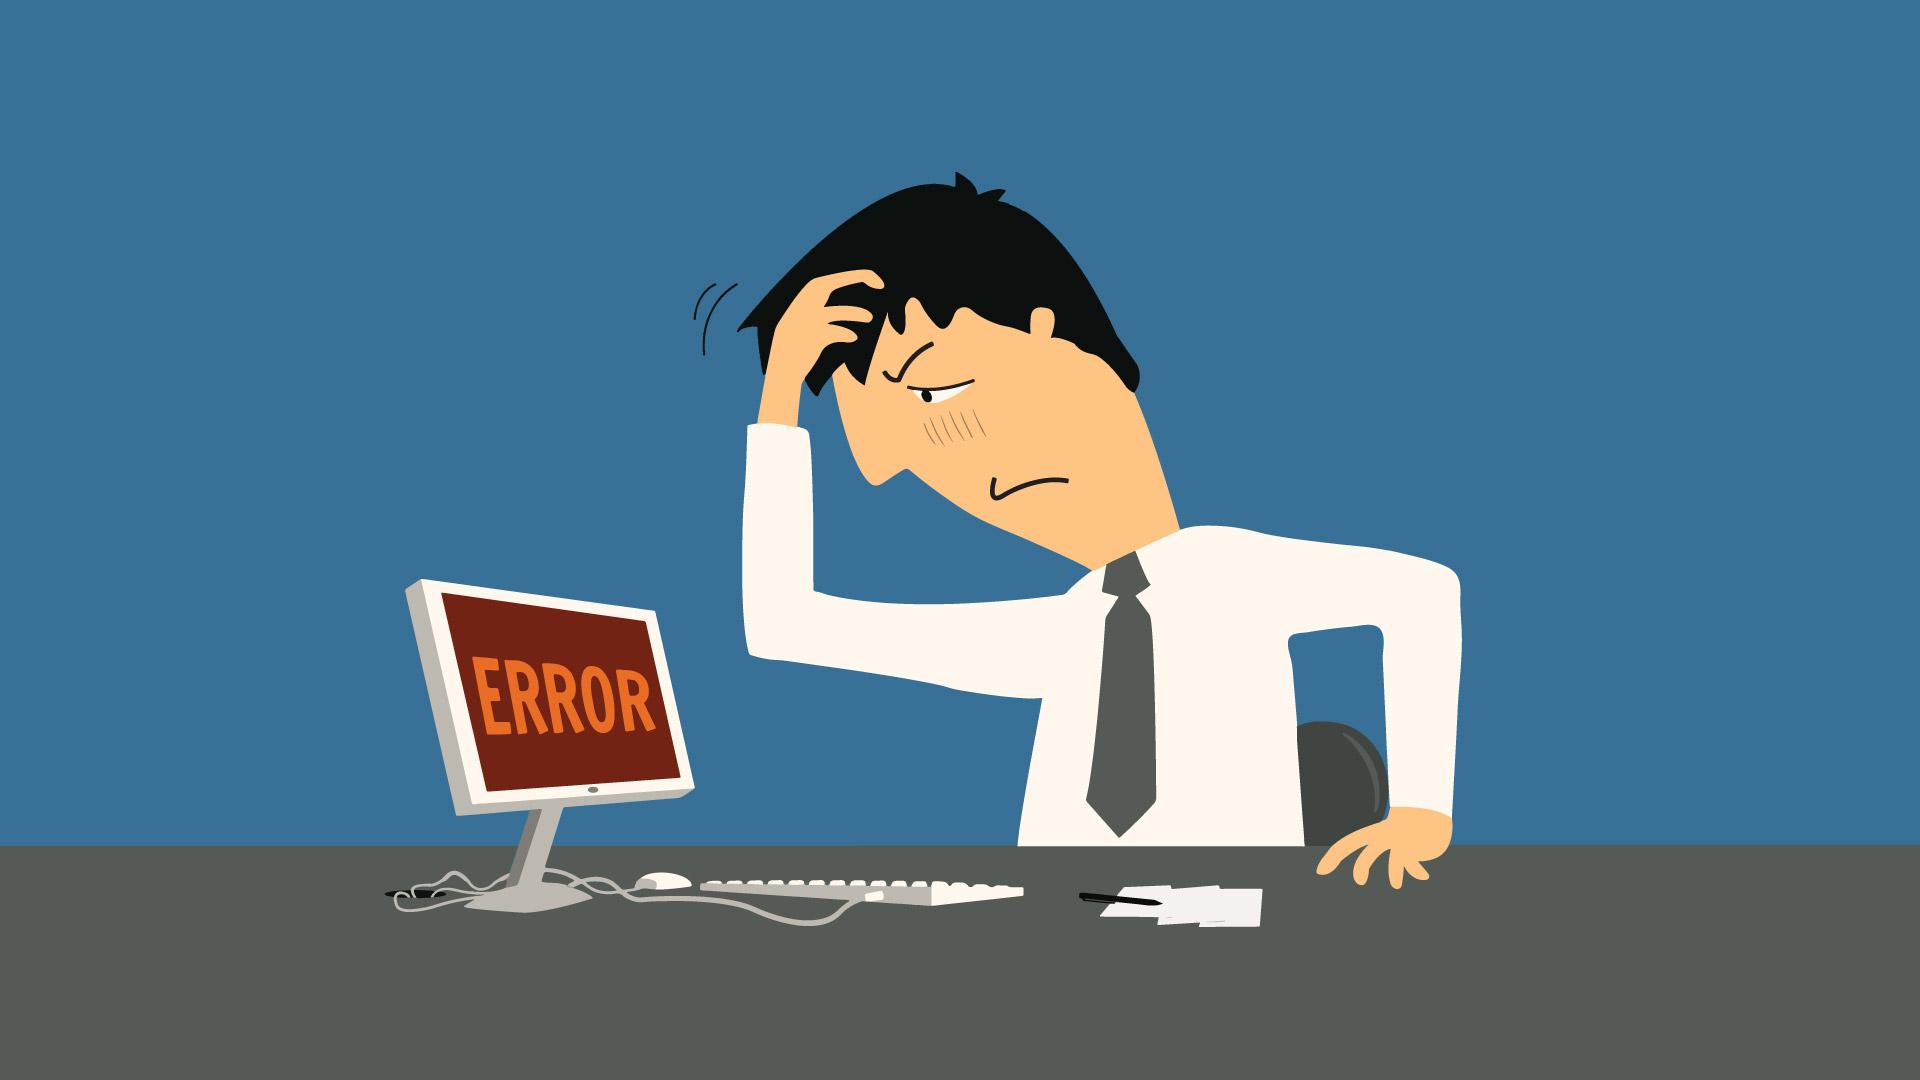 hospedagem de site problemas erros